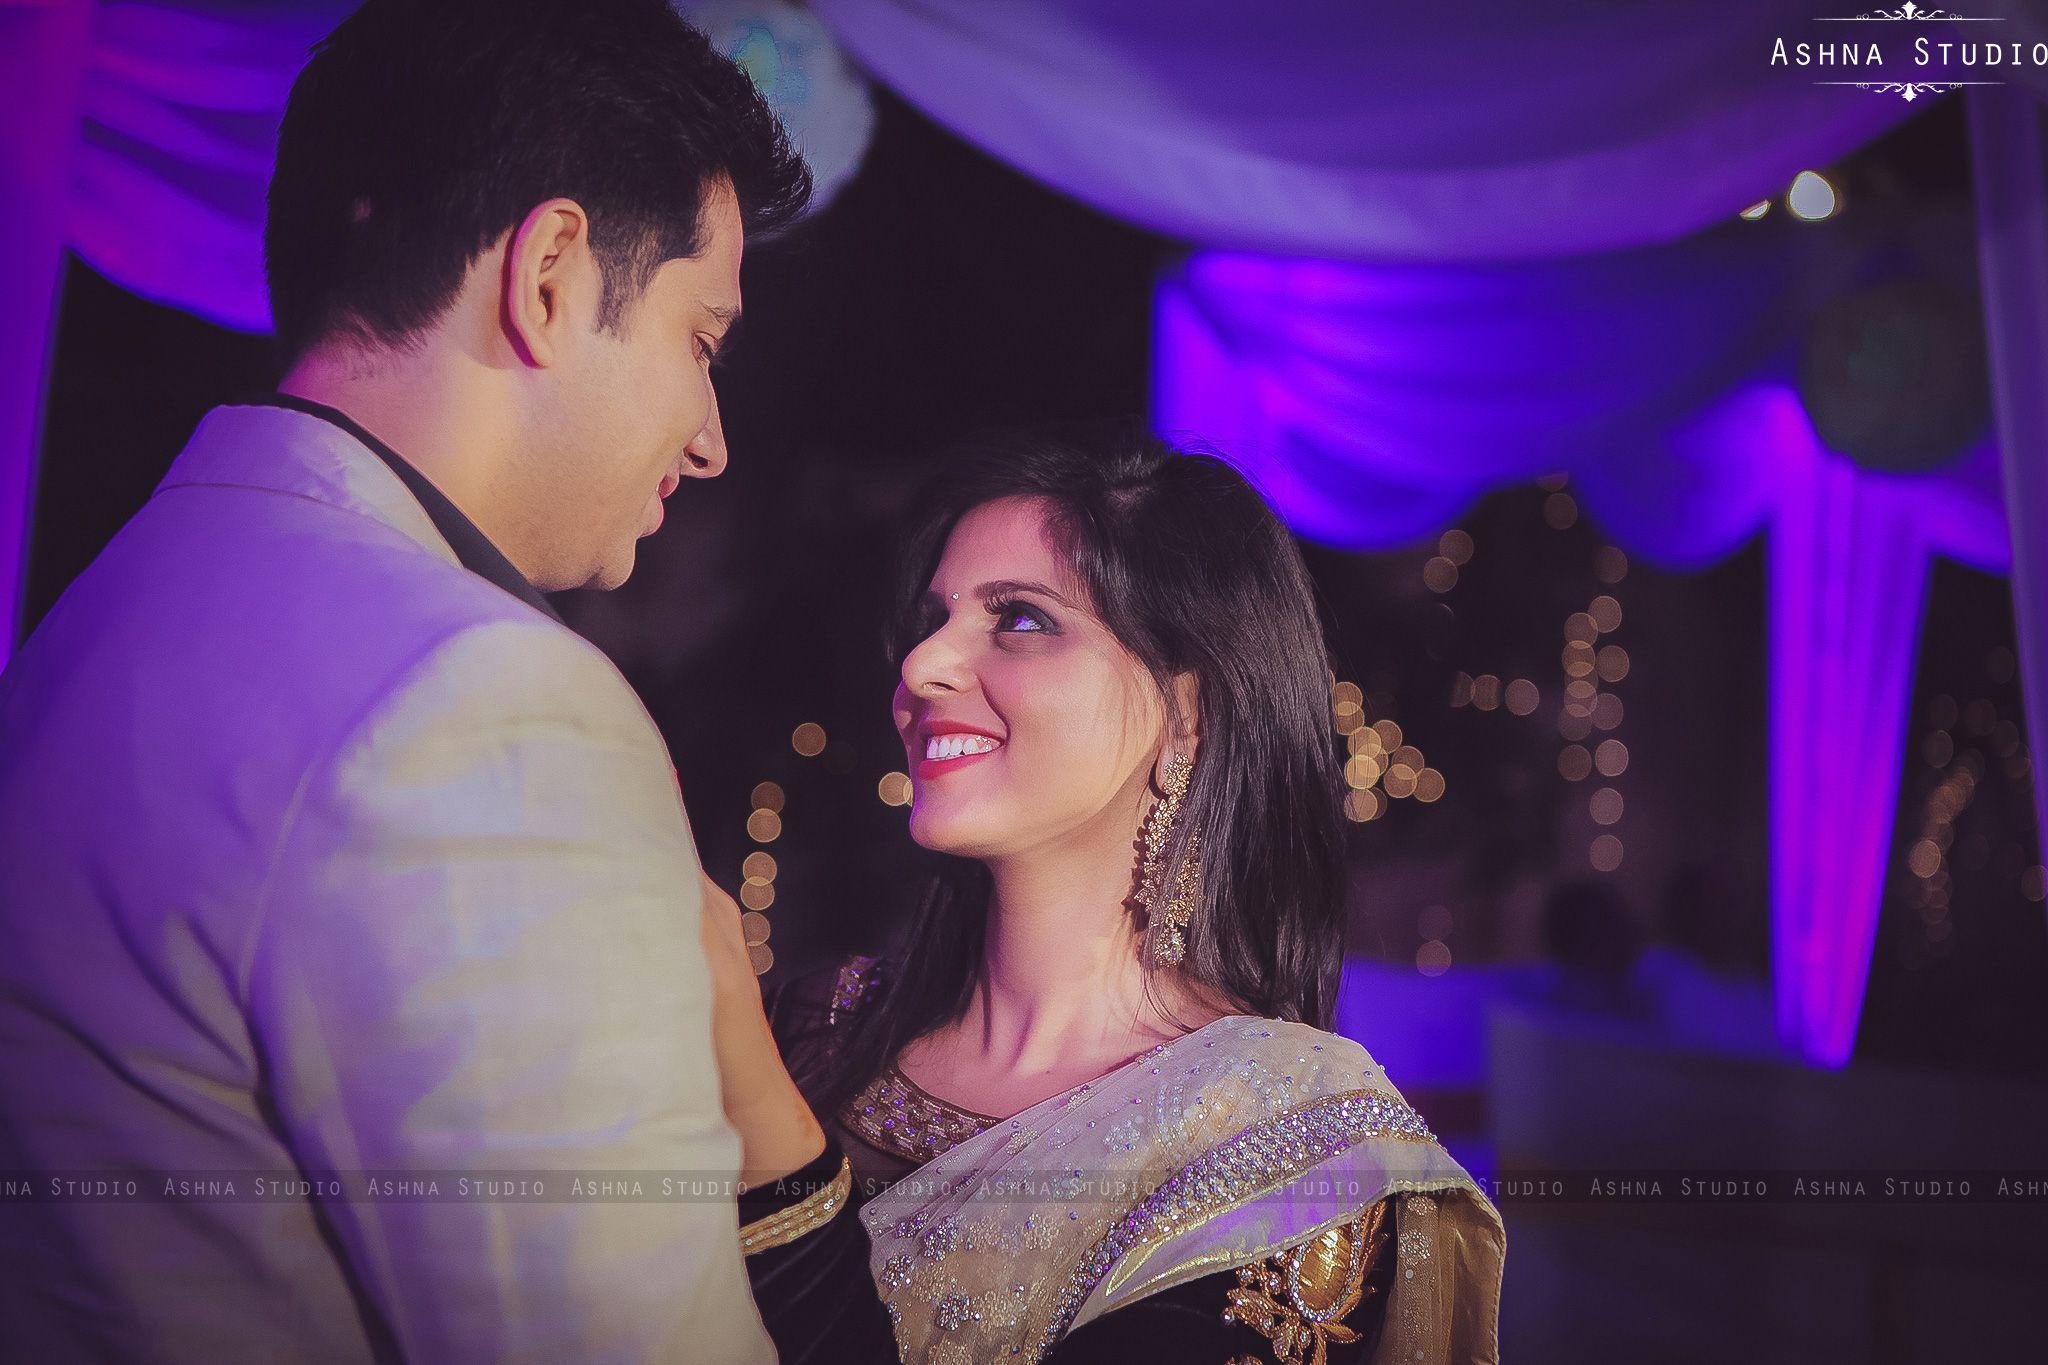 #weddingcouple #indiancouple #weddingphotographerudaipur #weddingphotographerjaipur #destinationweddingphotographer #weddinginspiration #candidmoments #weddingmemories #ashnastudio #weddingdiaries #weddingsutra #wedmegood #postweddingphotoshoot